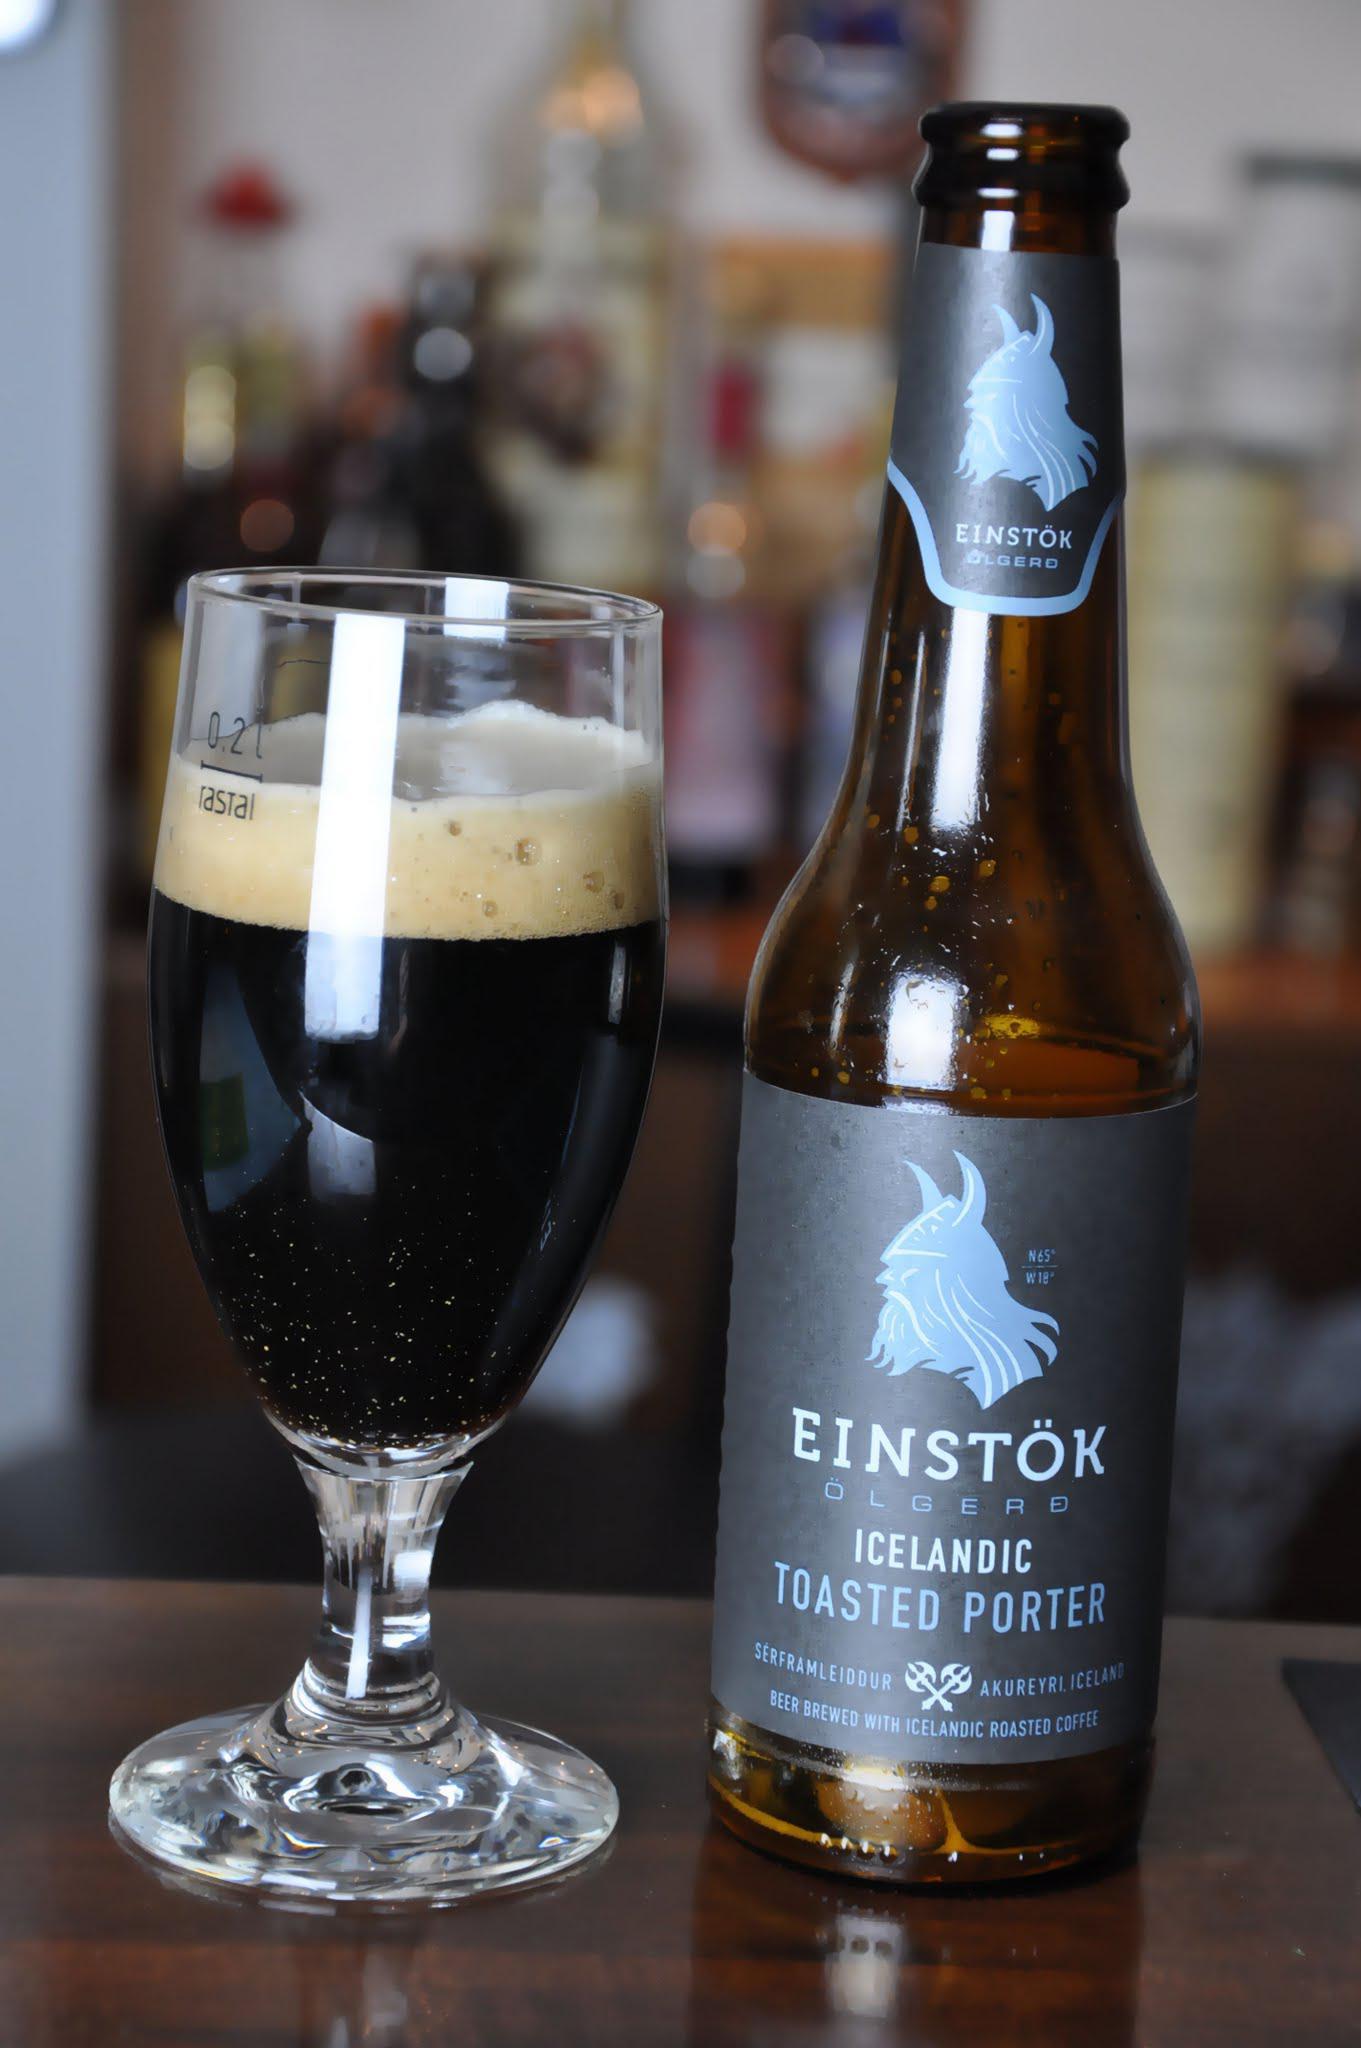 Einstök_Icelandic_ToastedPorter